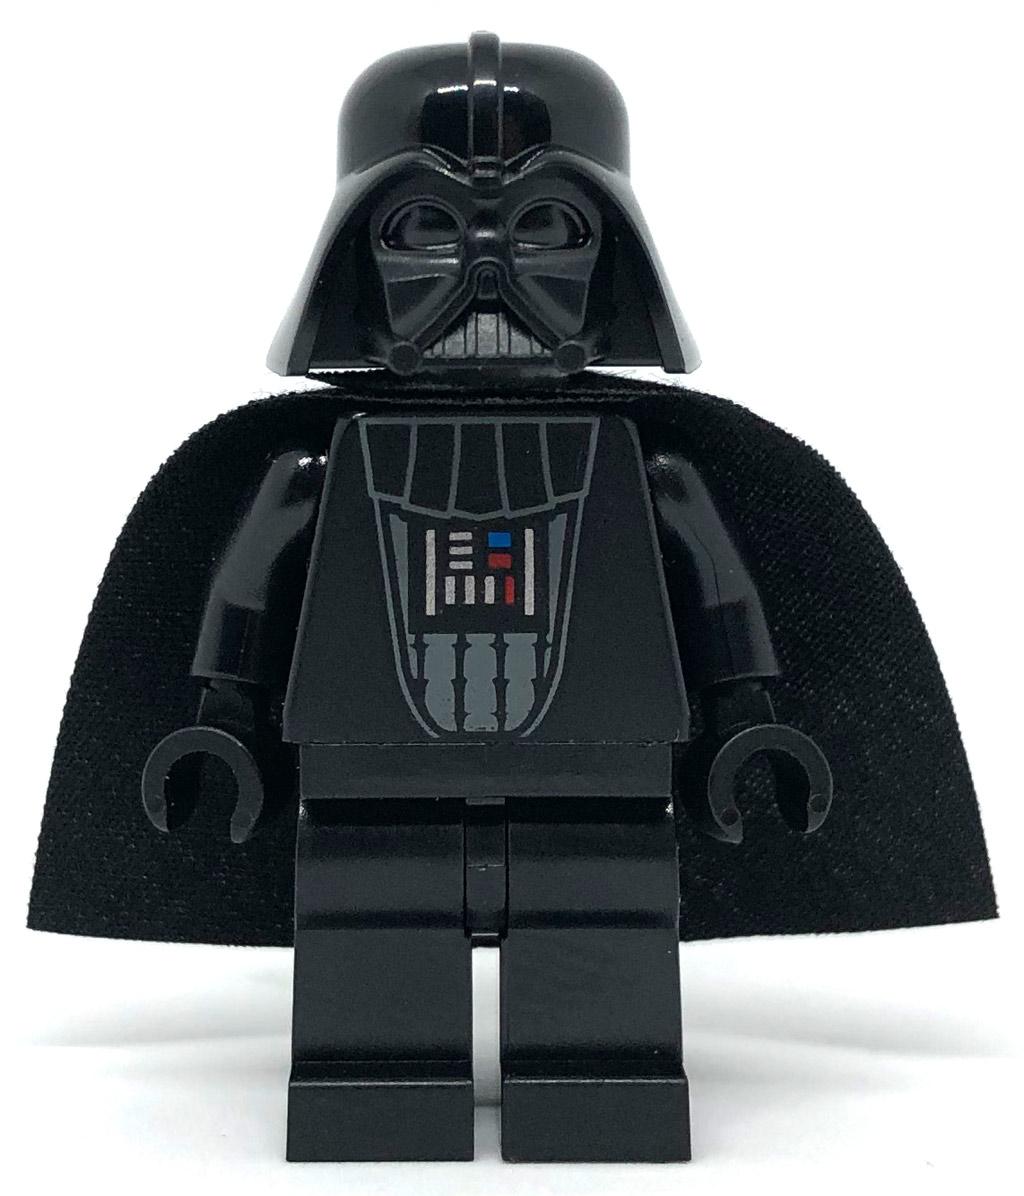 lego-star-wars-clone-scout-walker–20-jahre-75261-darth-vader-2019-matthias-kuhnt zusammengebaut.com